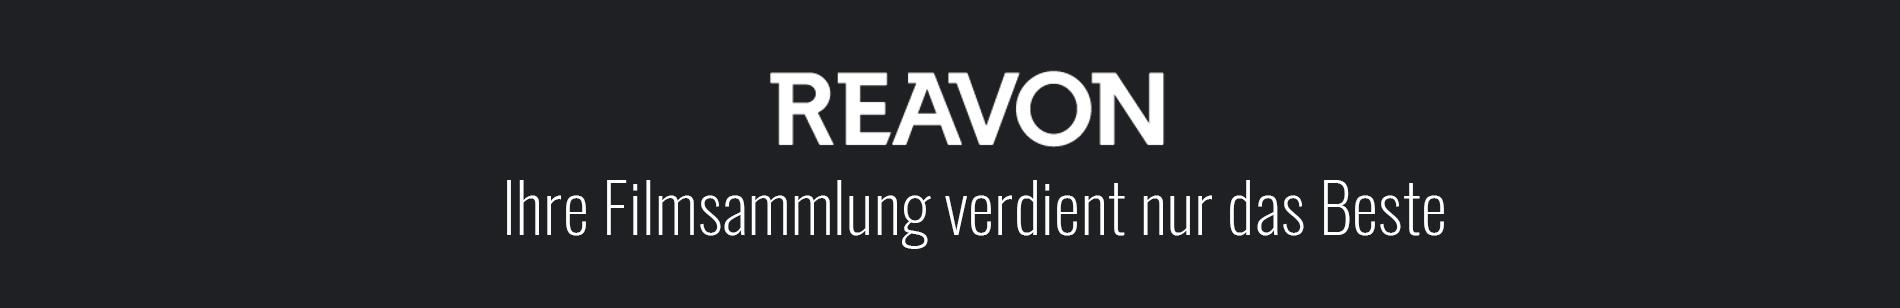 Reavon-Banner-2